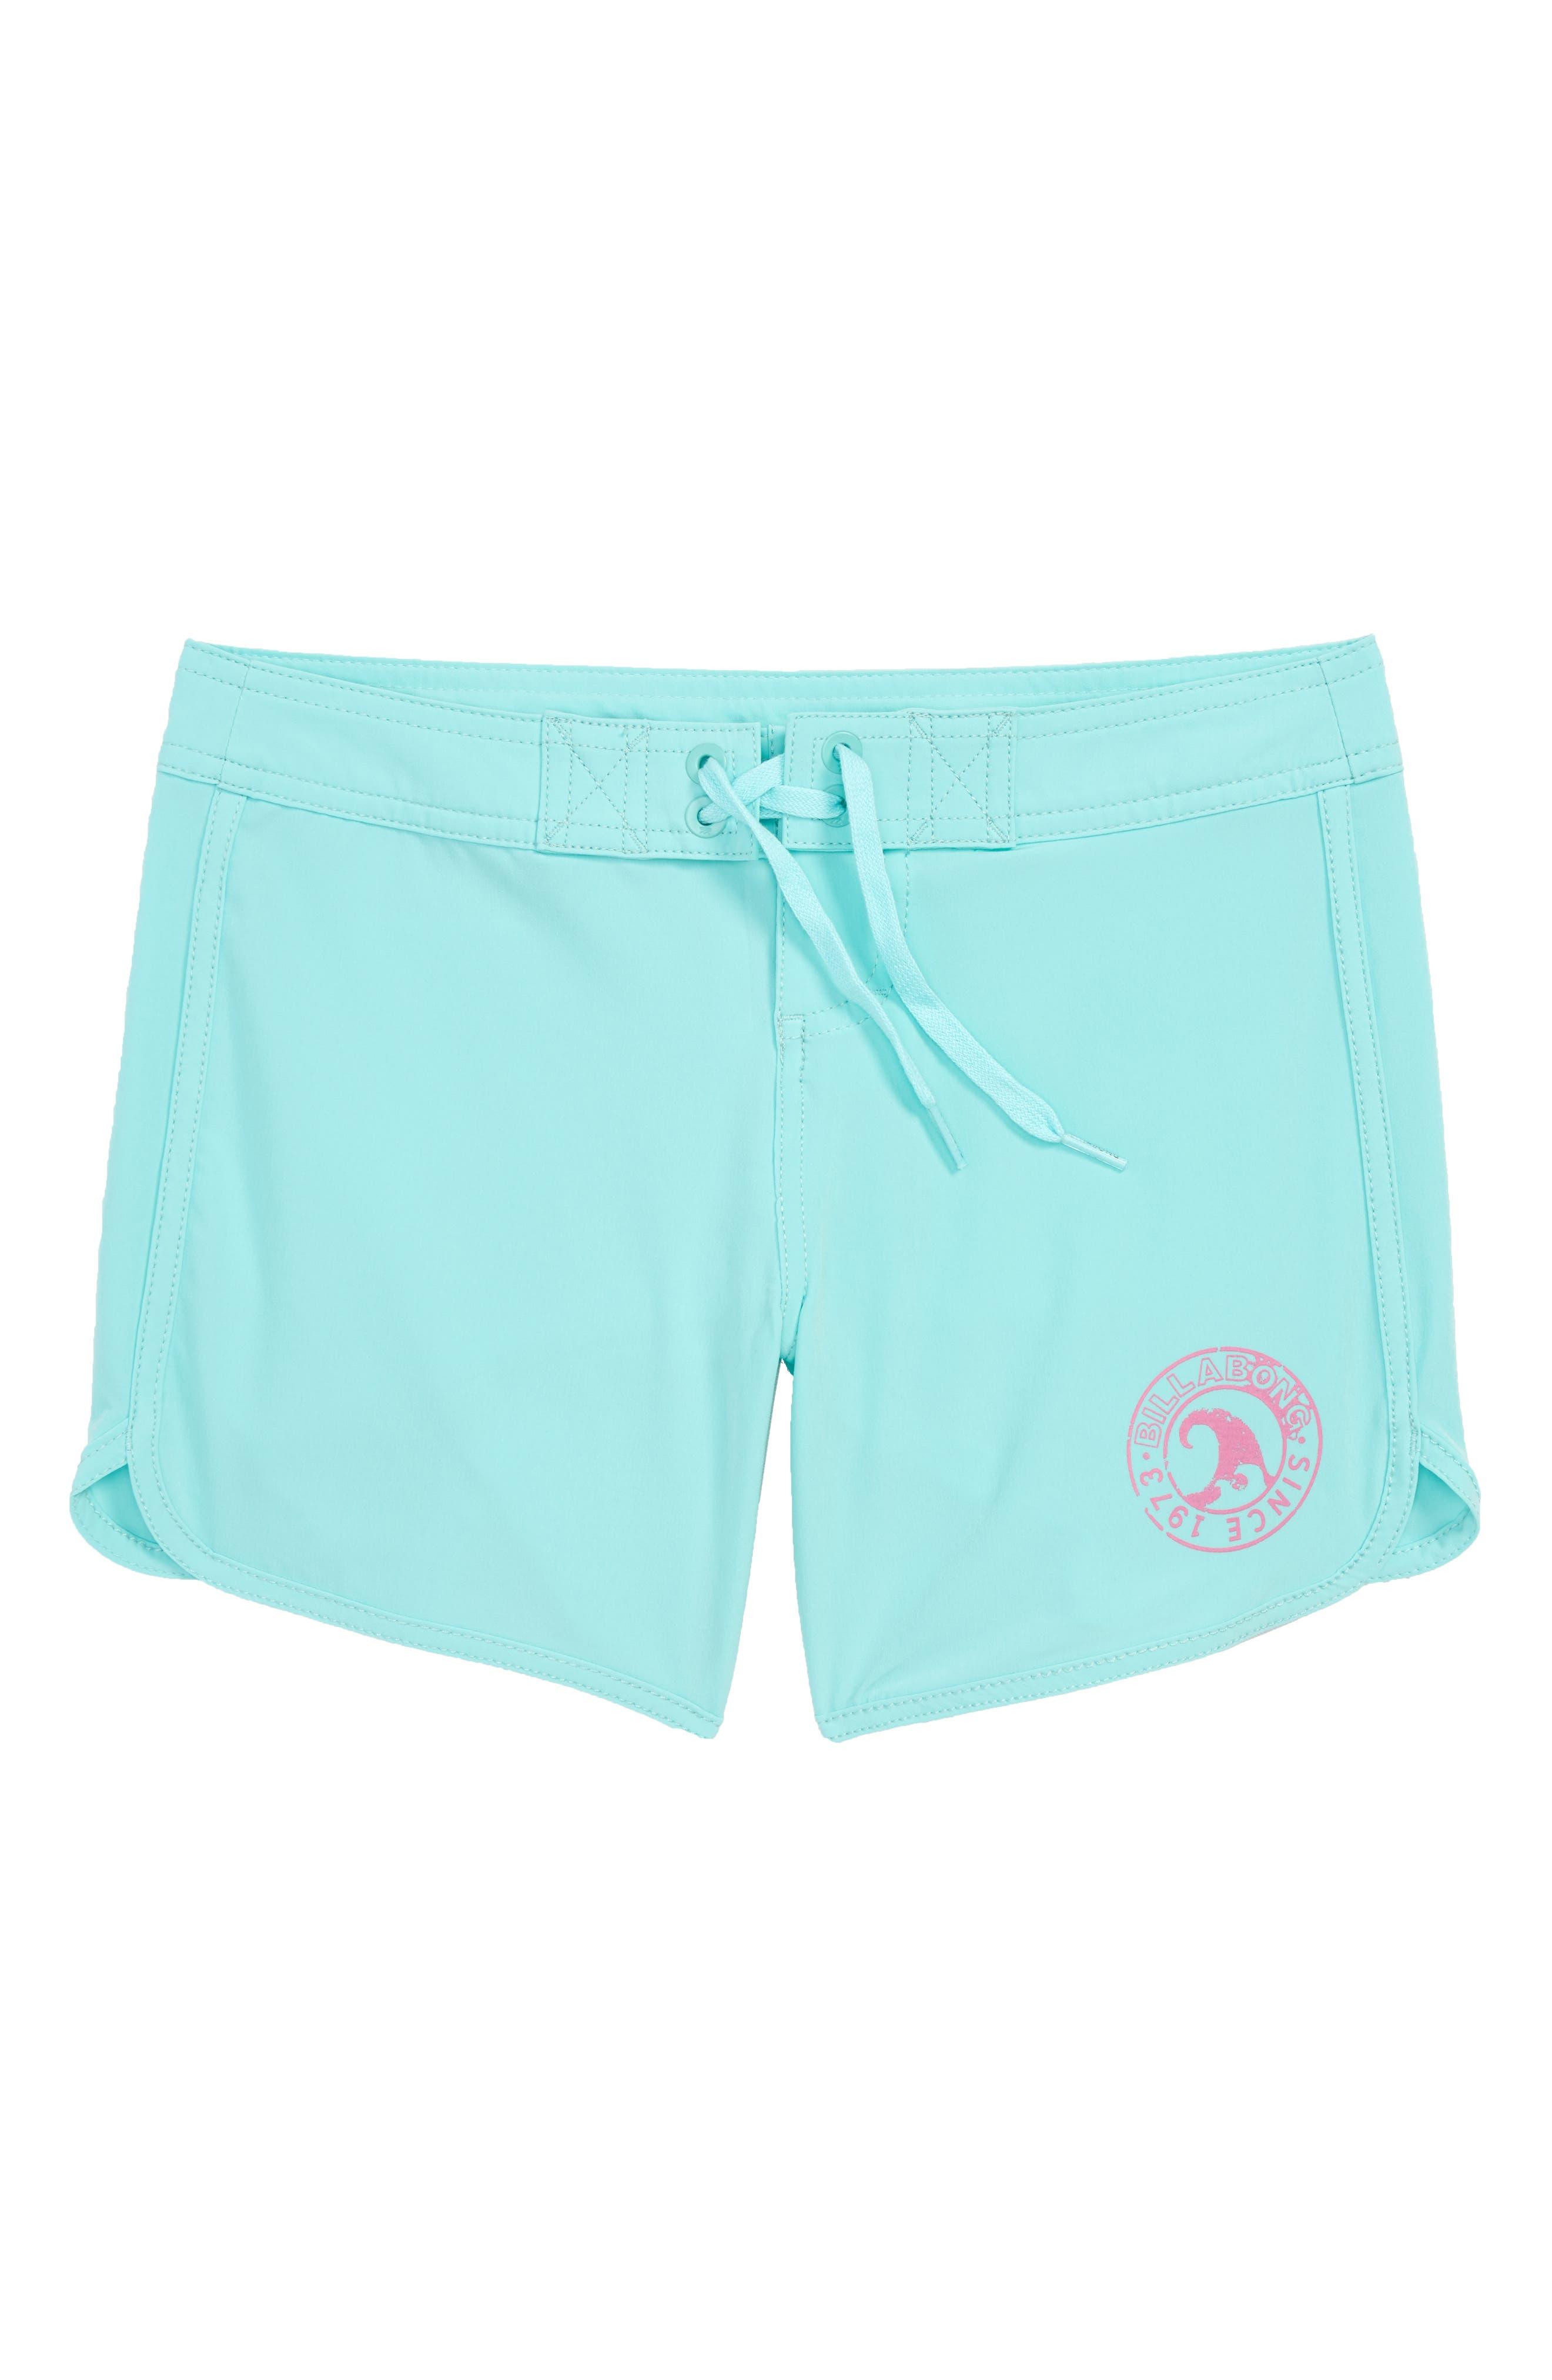 Sol Searcher Board Shorts,                         Main,                         color, Beach Glass